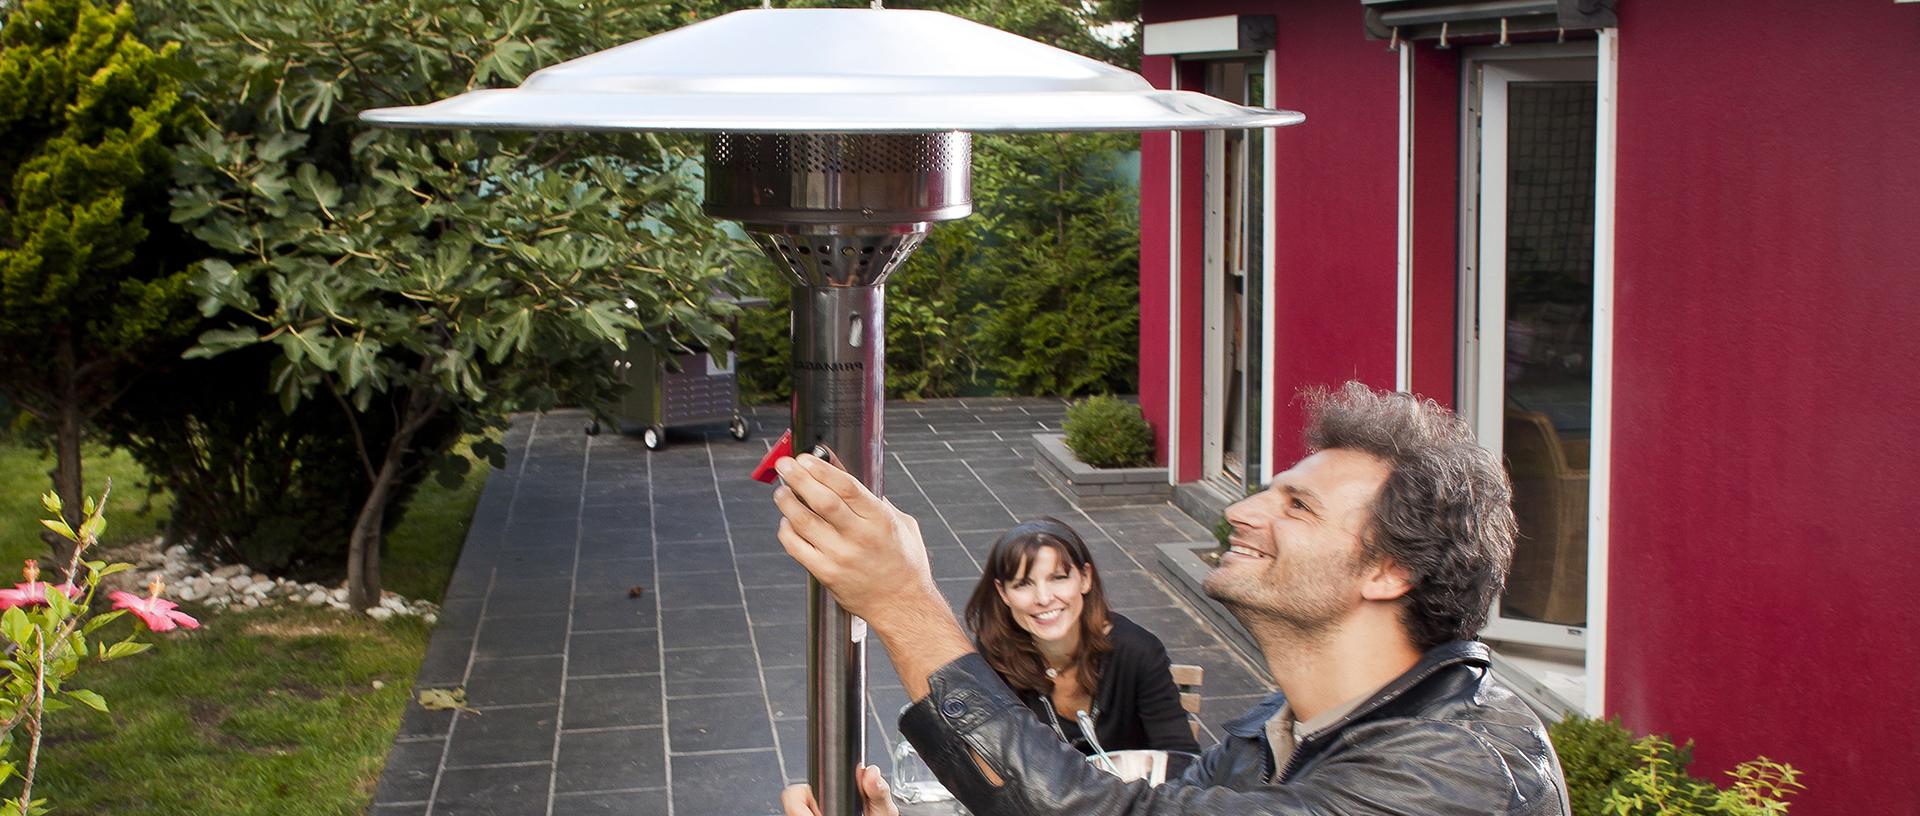 L'utilisation d'un parasol chauffant gaz